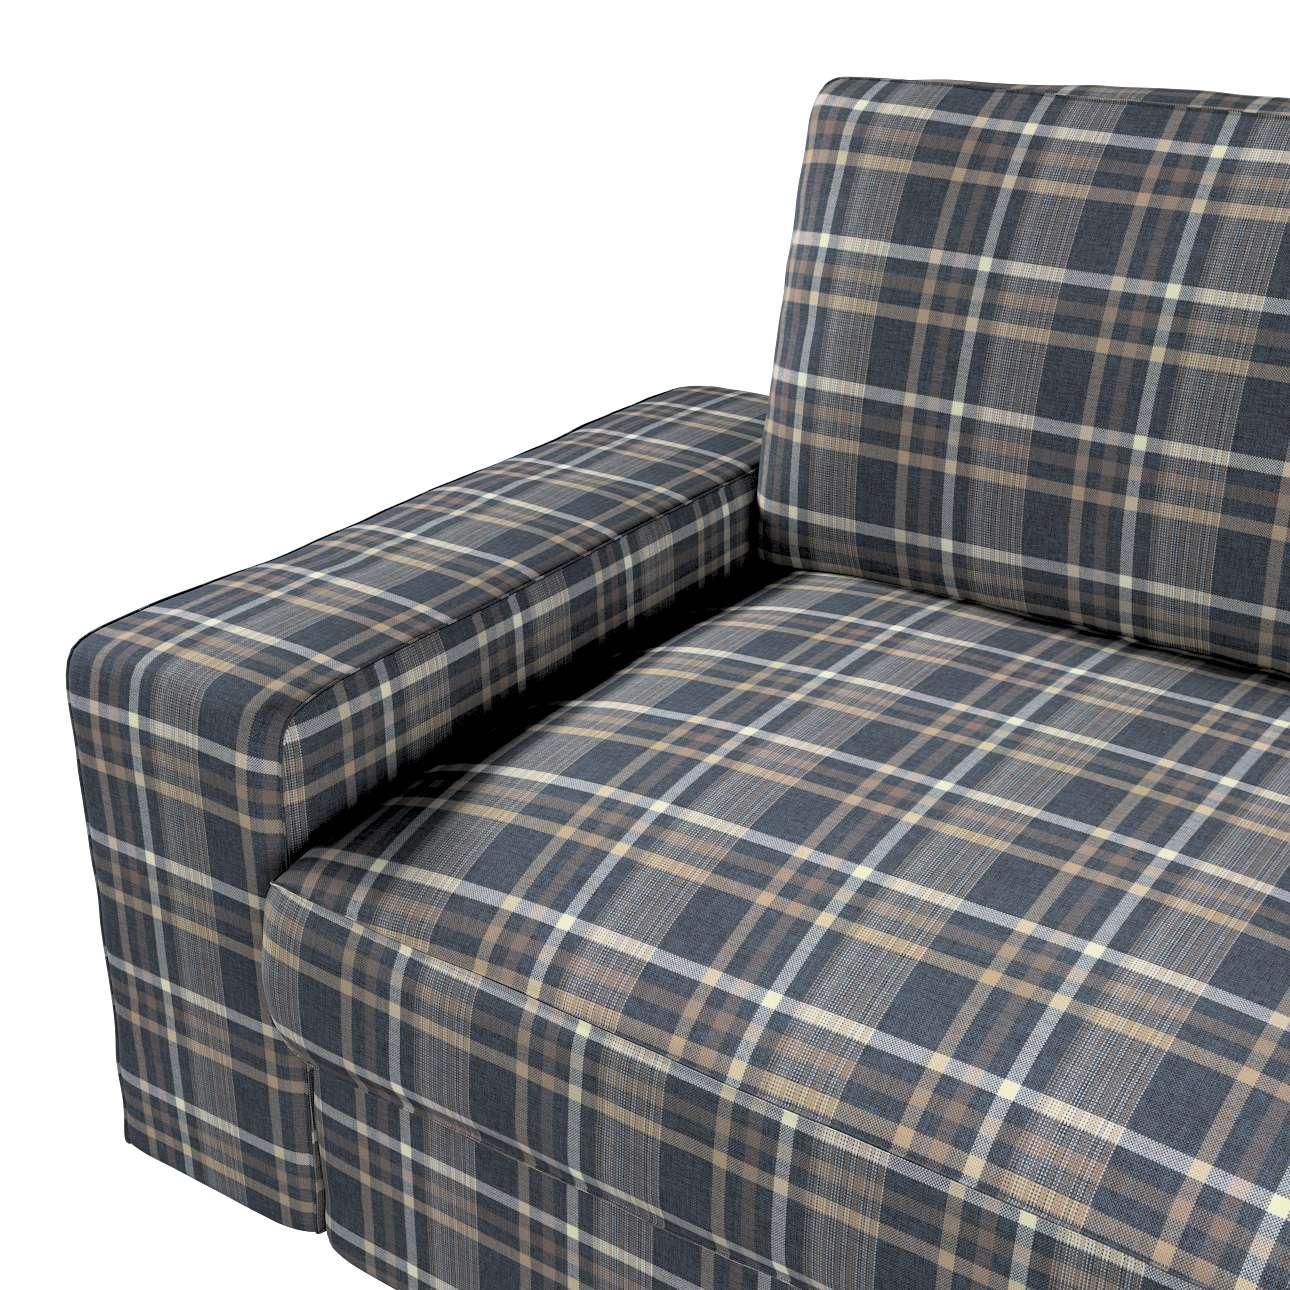 Pokrowiec na sofę Kivik 3-osobową, nierozkładaną w kolekcji Edinburgh, tkanina: 703-16